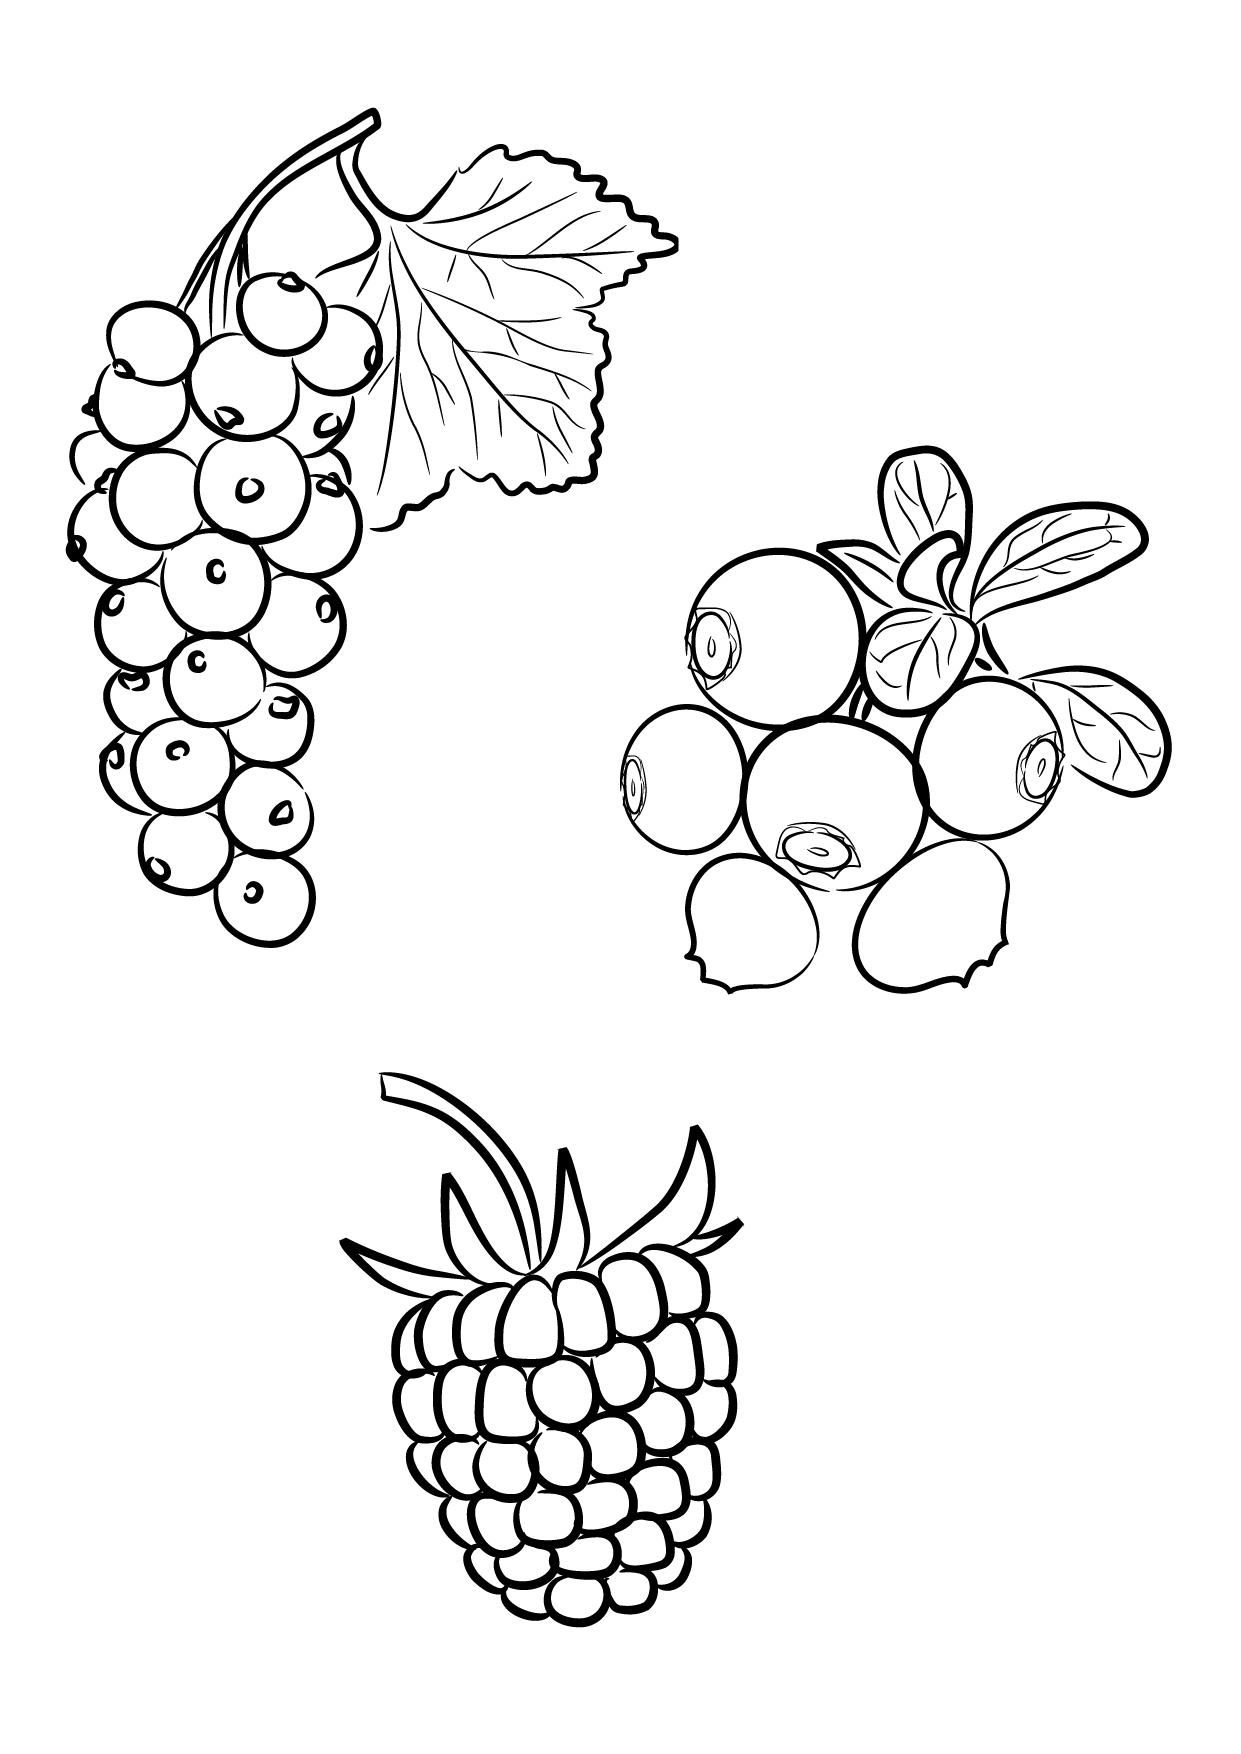 идеи картинки разных ягод нарисовать найдем